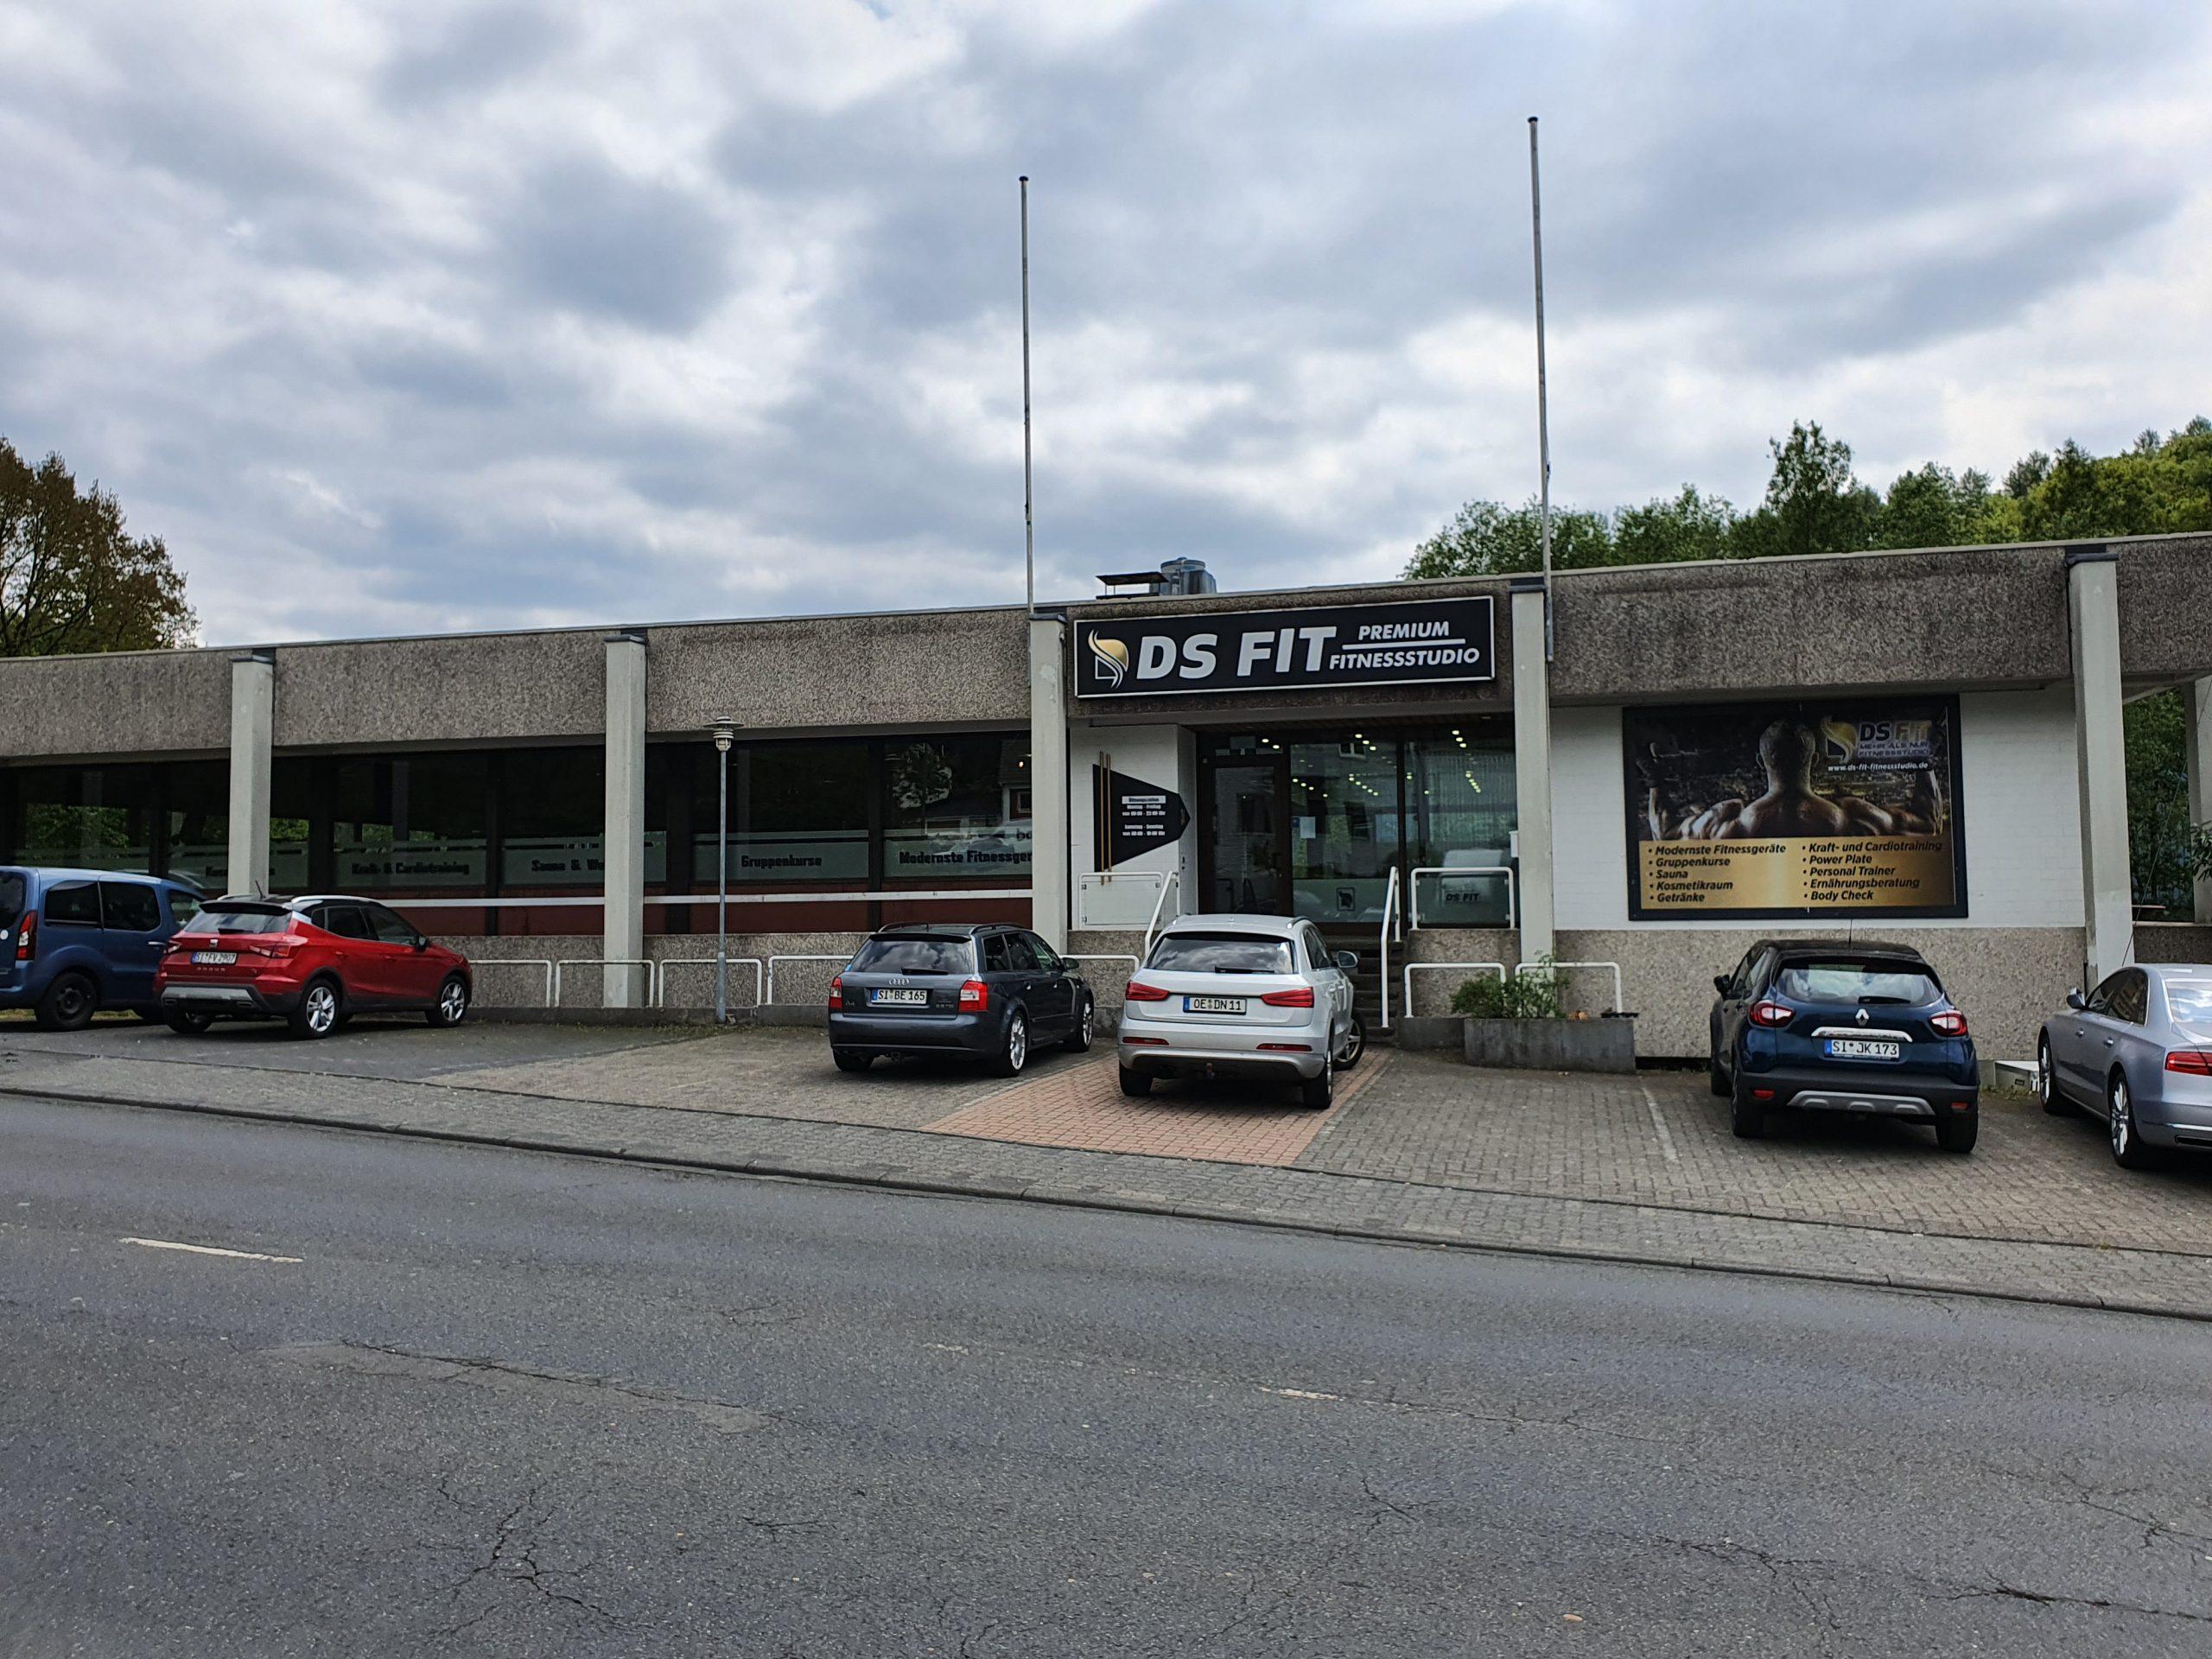 Standort - Netphen - DS Fit